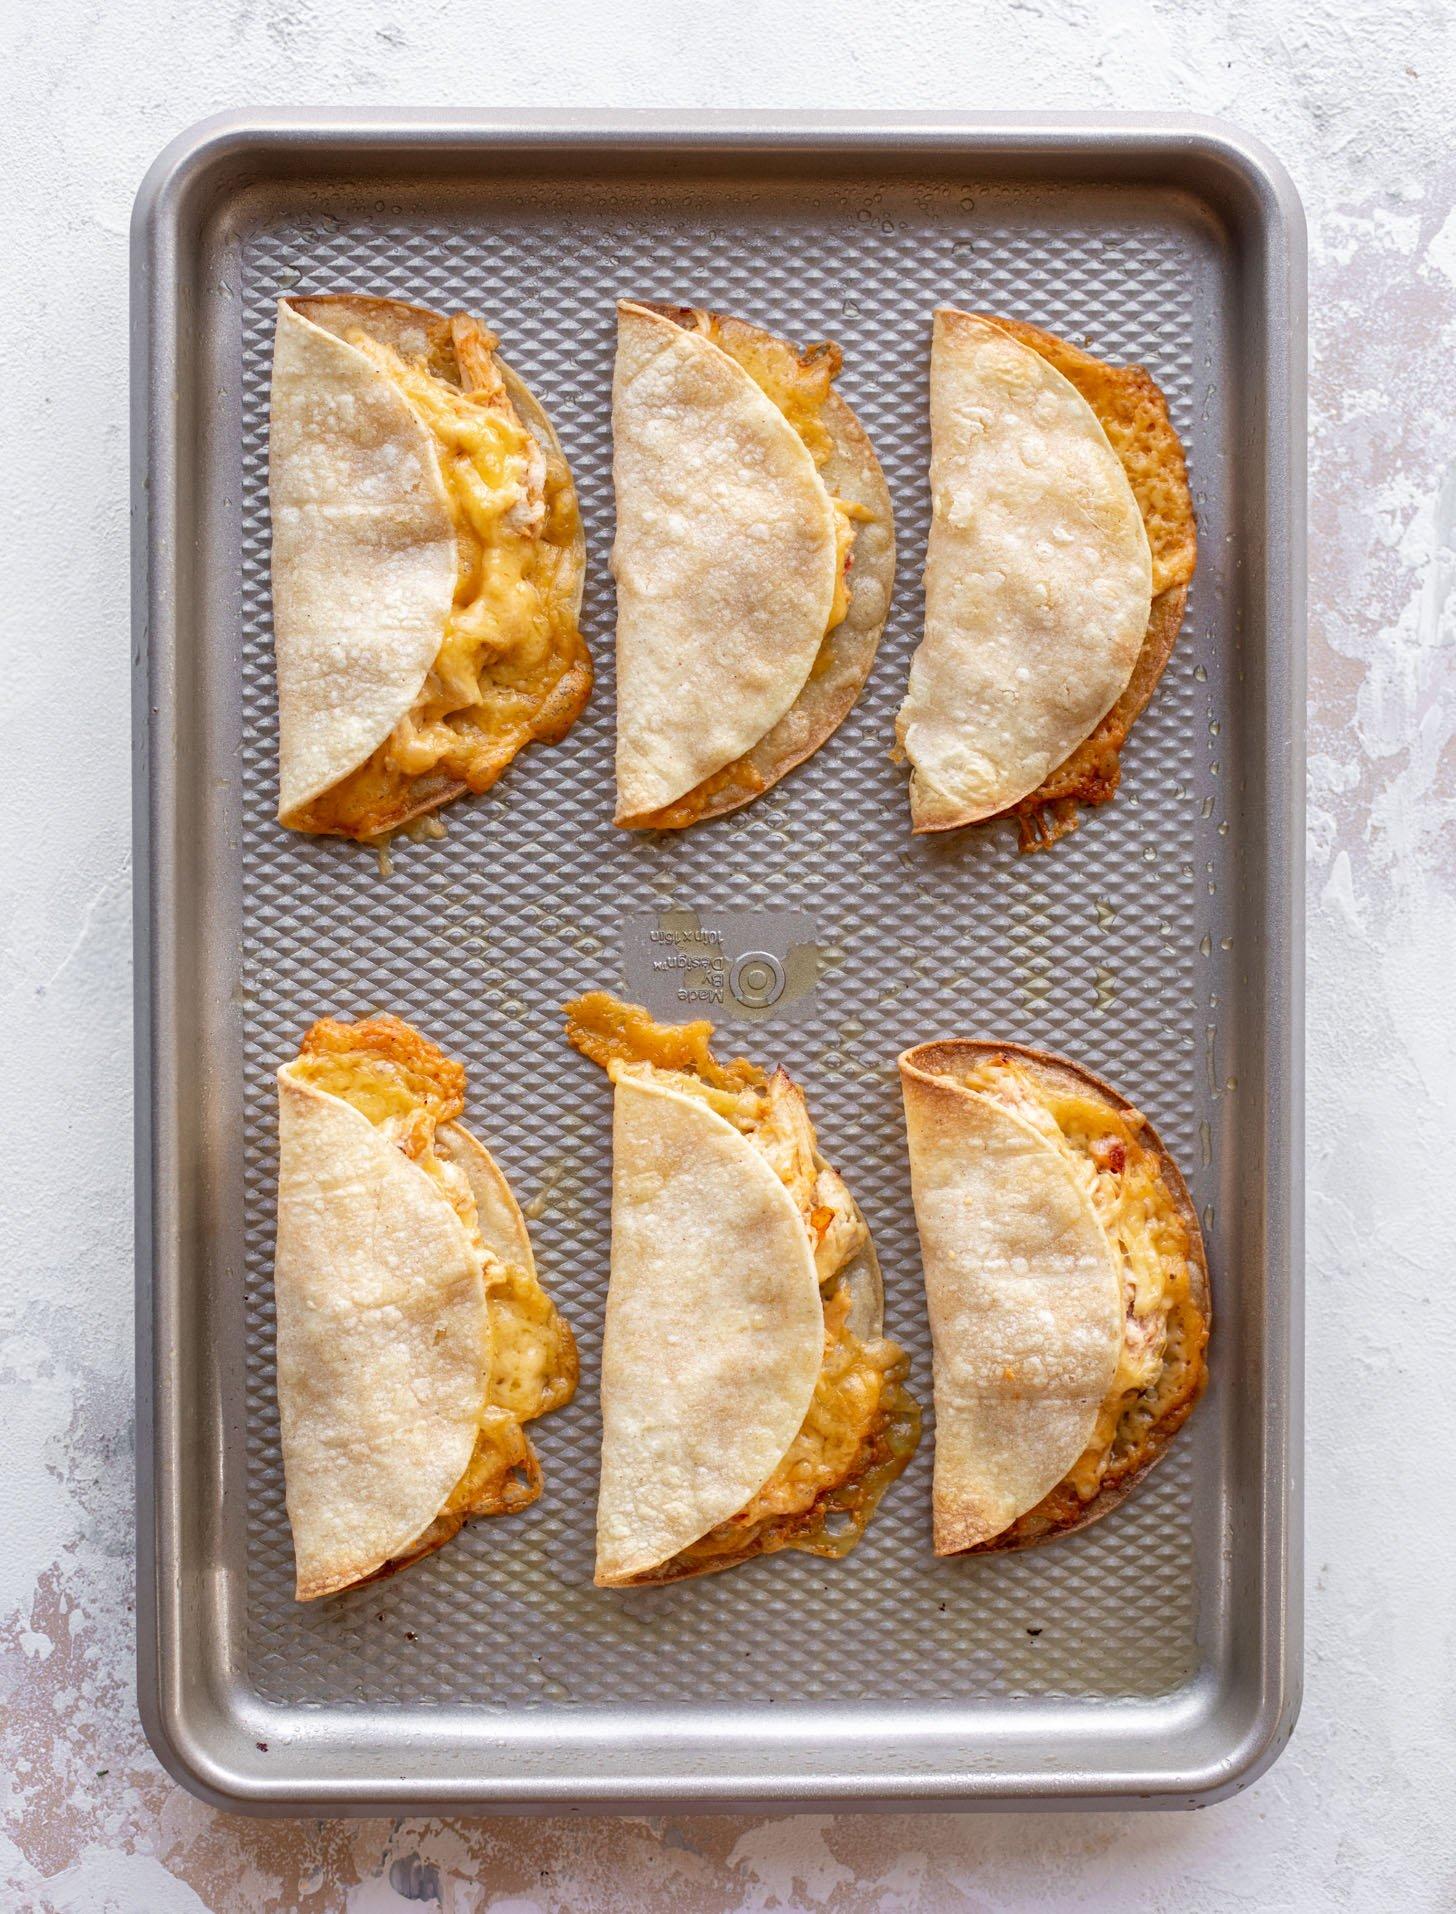 crispy baked salsa chicken tacos